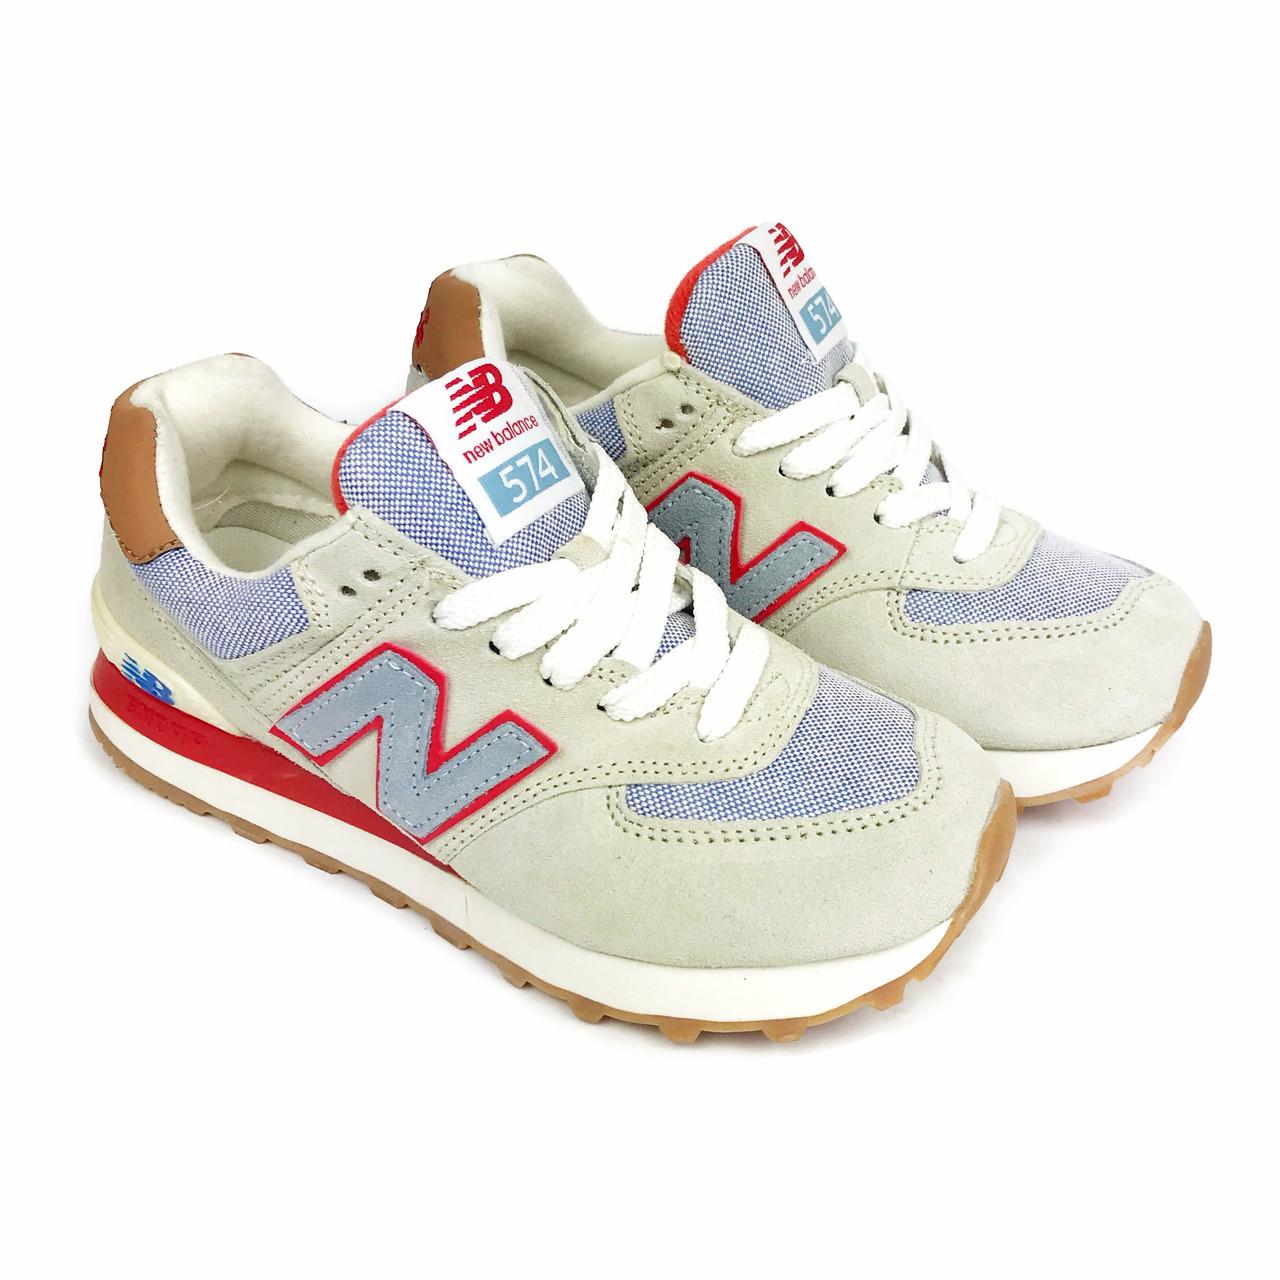 5396fc2e Кроссовки New Balance 574, серые, LUX-реплика - VUBO — авторская обувь &